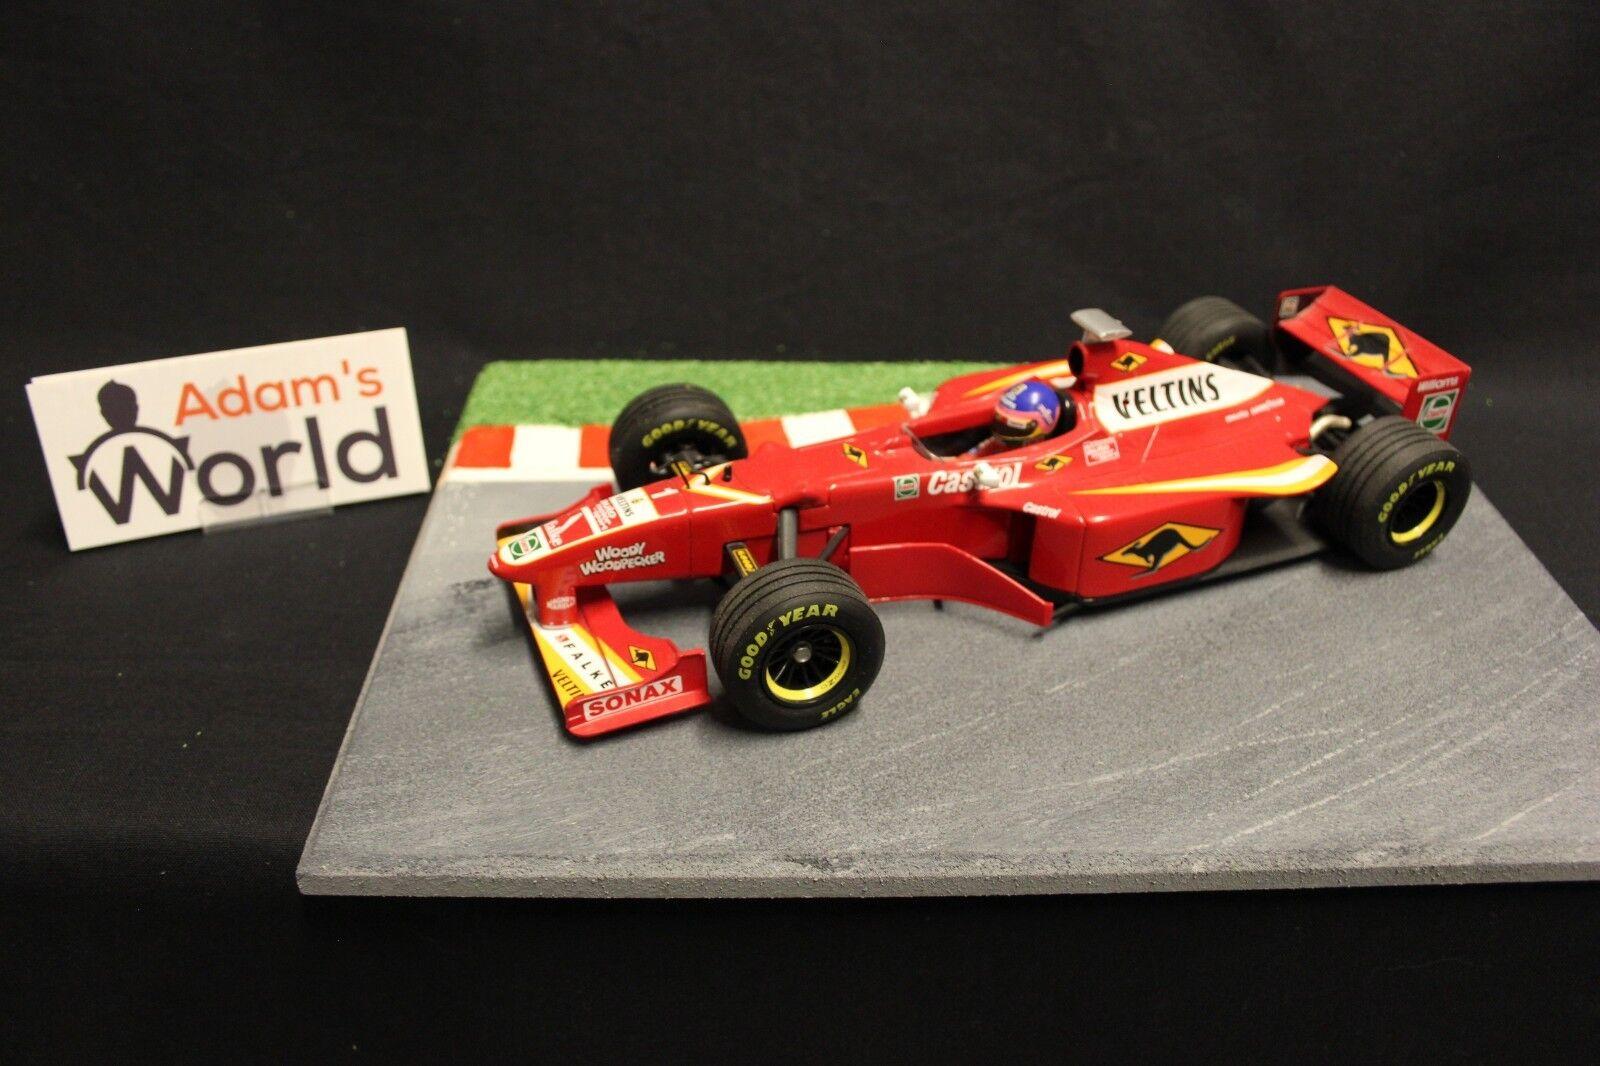 Minichamps Williams Mecachrome FW20 1998 1:18 #1 Jacques Villeneuve (CAN) (F1NB)